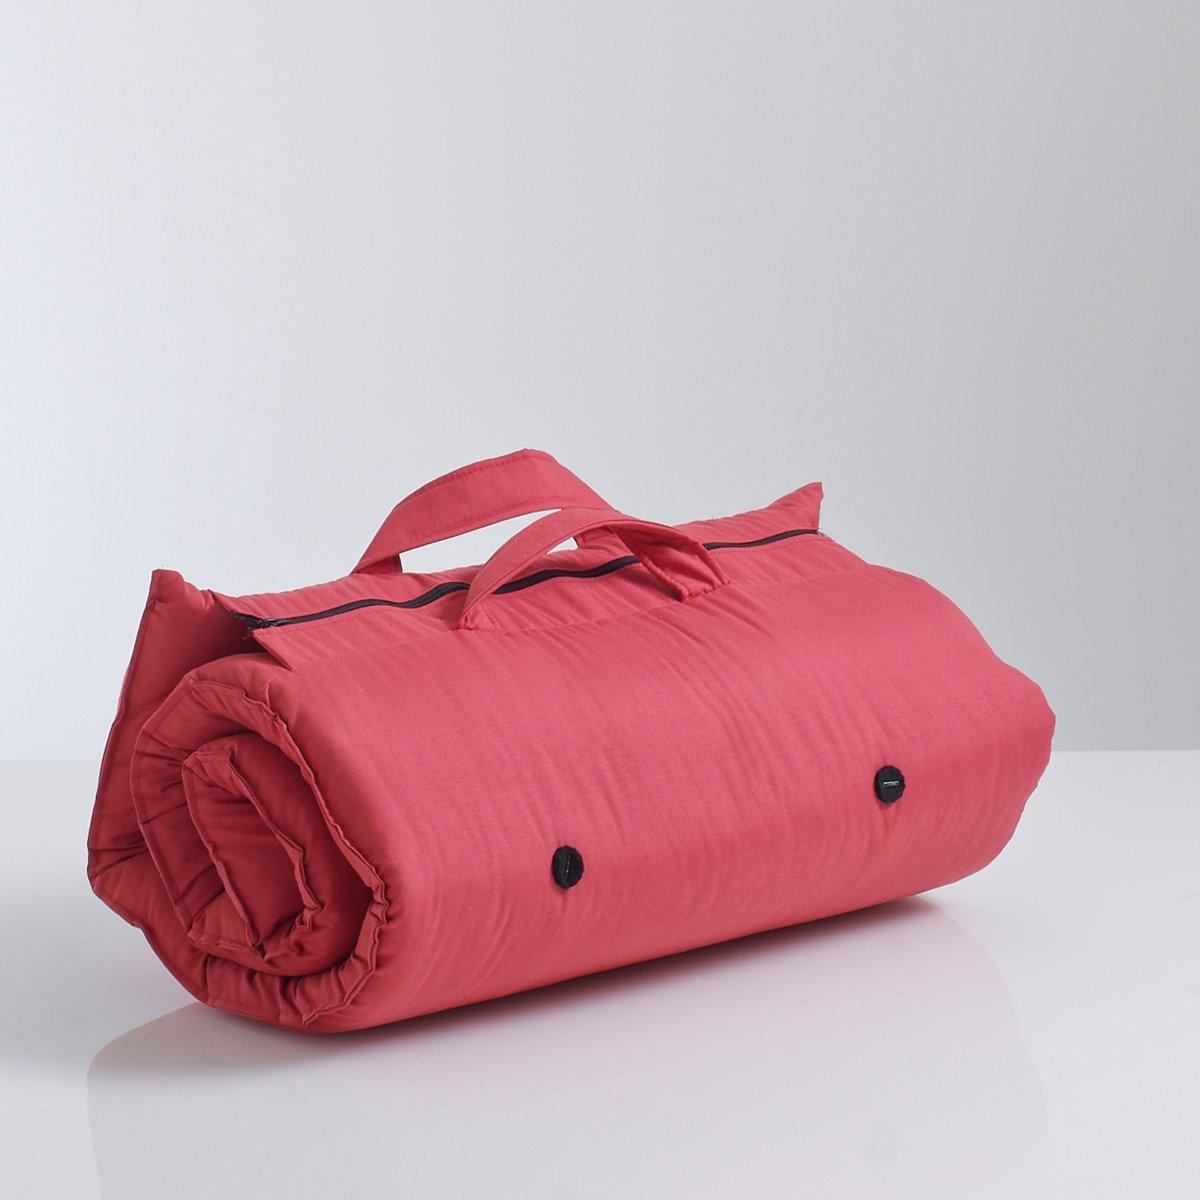 Матрас хлопчатобумажныйИдеальный вариант для сна на природе ! Не занимающий много места и всегда готовый к использованию,  сворачивается, застежка на молнию, легко переносится при помощи 2 ручек .Размеры :В развернутом виде : 70 x 190 см. Толщина 5 см. Покрытие:70% хлопок, 30%полиэстер, обработка TEFLON (от пятен).Комфортный матрас :Внутренний слой из  2слоев  ваты 80% хлопок (1300г/м?).Набивка-планки и фетр .<br><br>Цвет: красный<br>Размер: 70 x 190 см